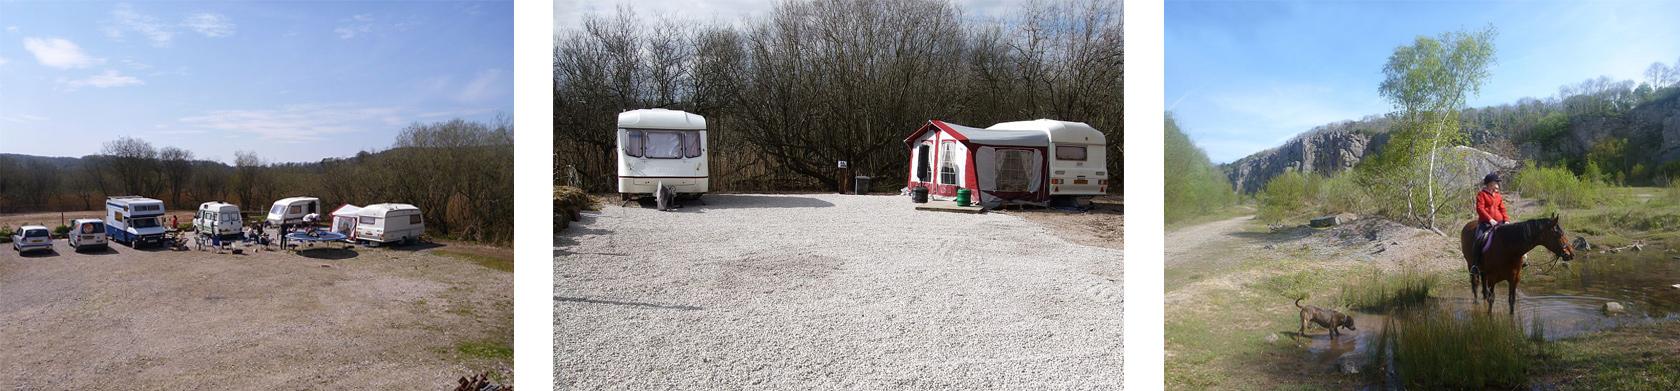 home_campervans.jpg